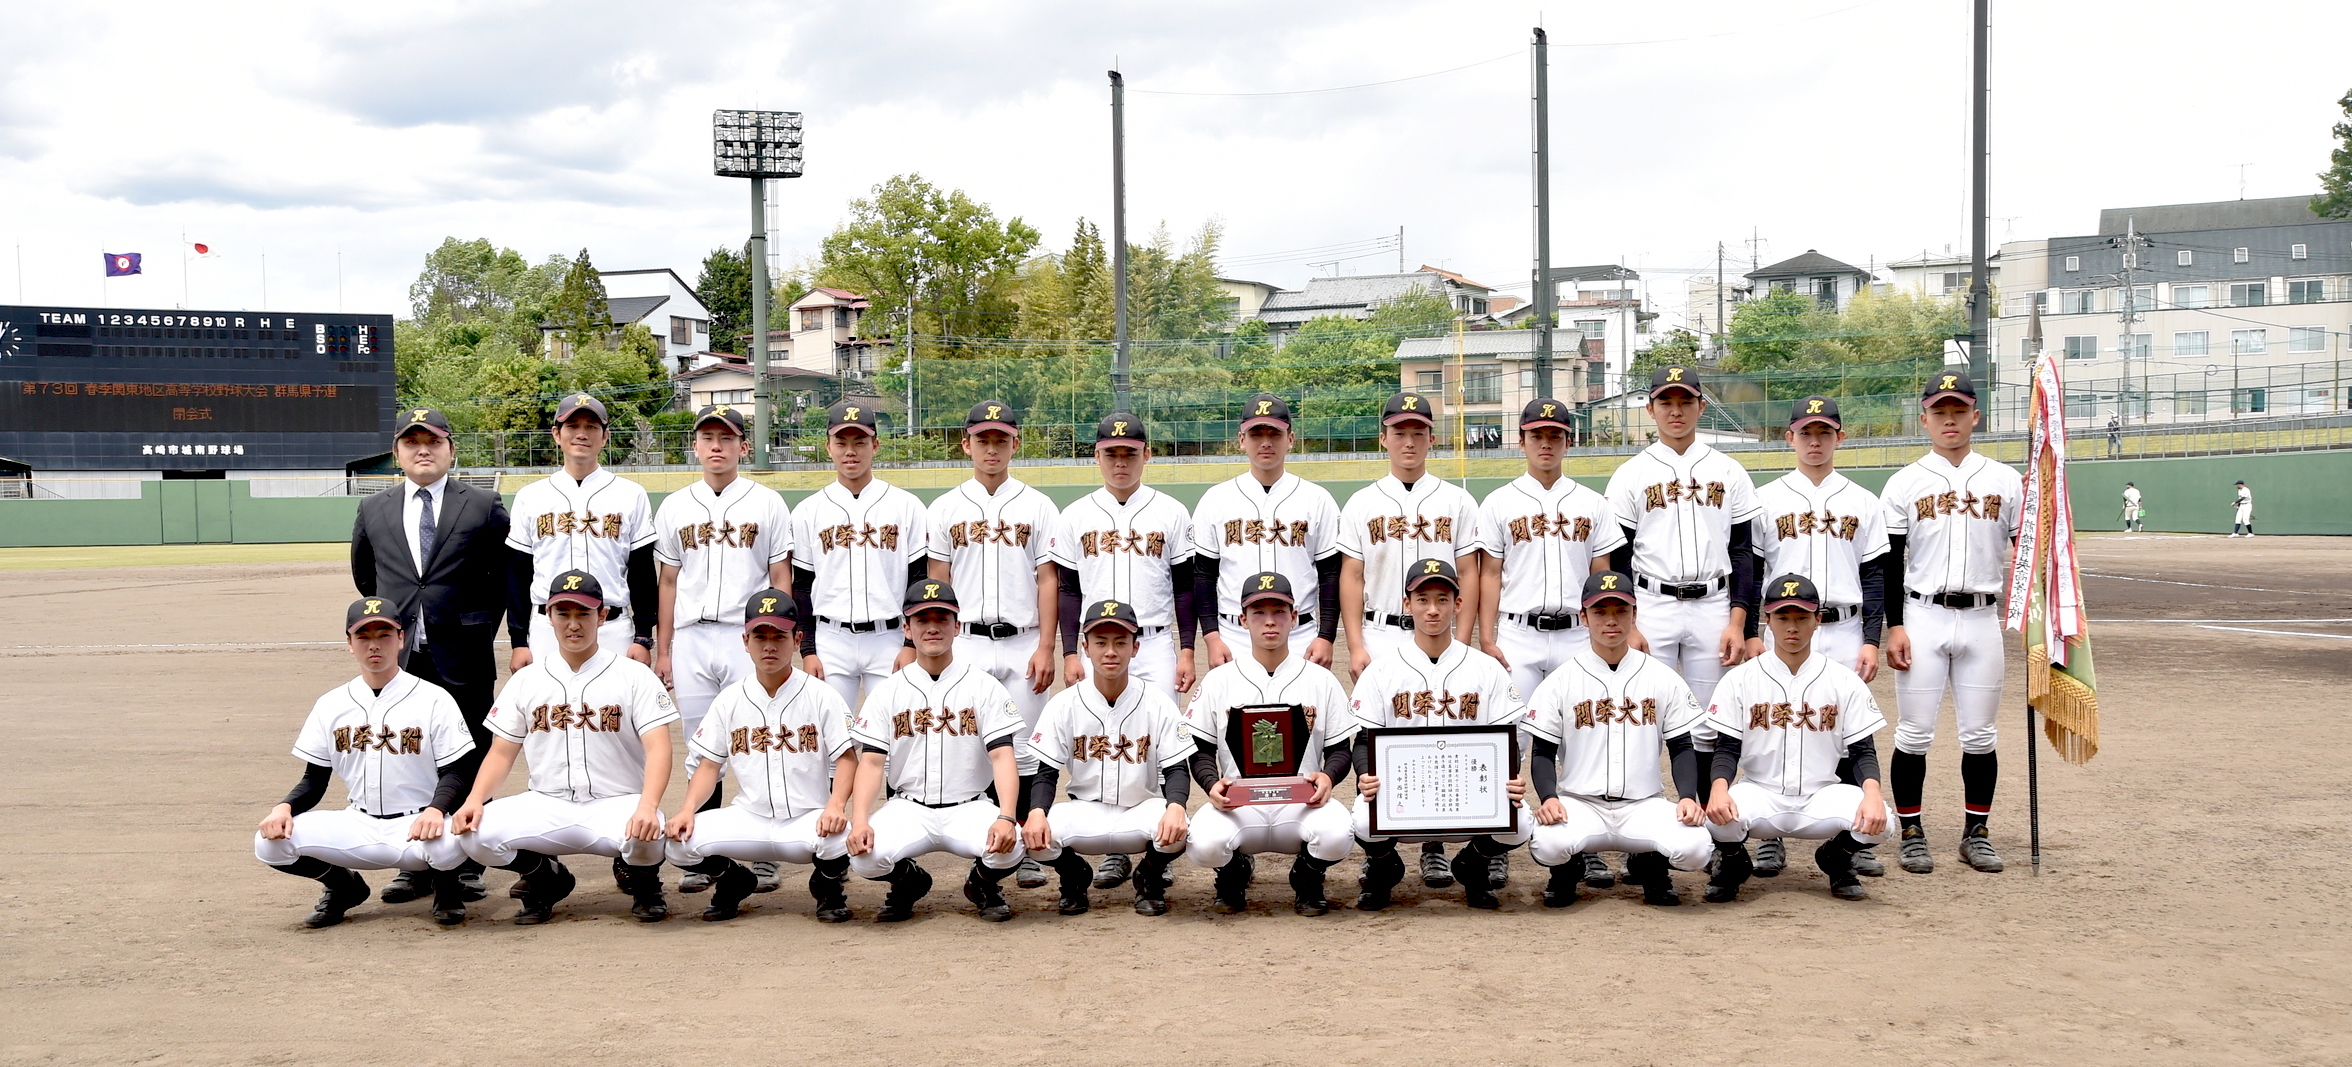 【春季高校野球群馬県大会レポート 関東学園大附】